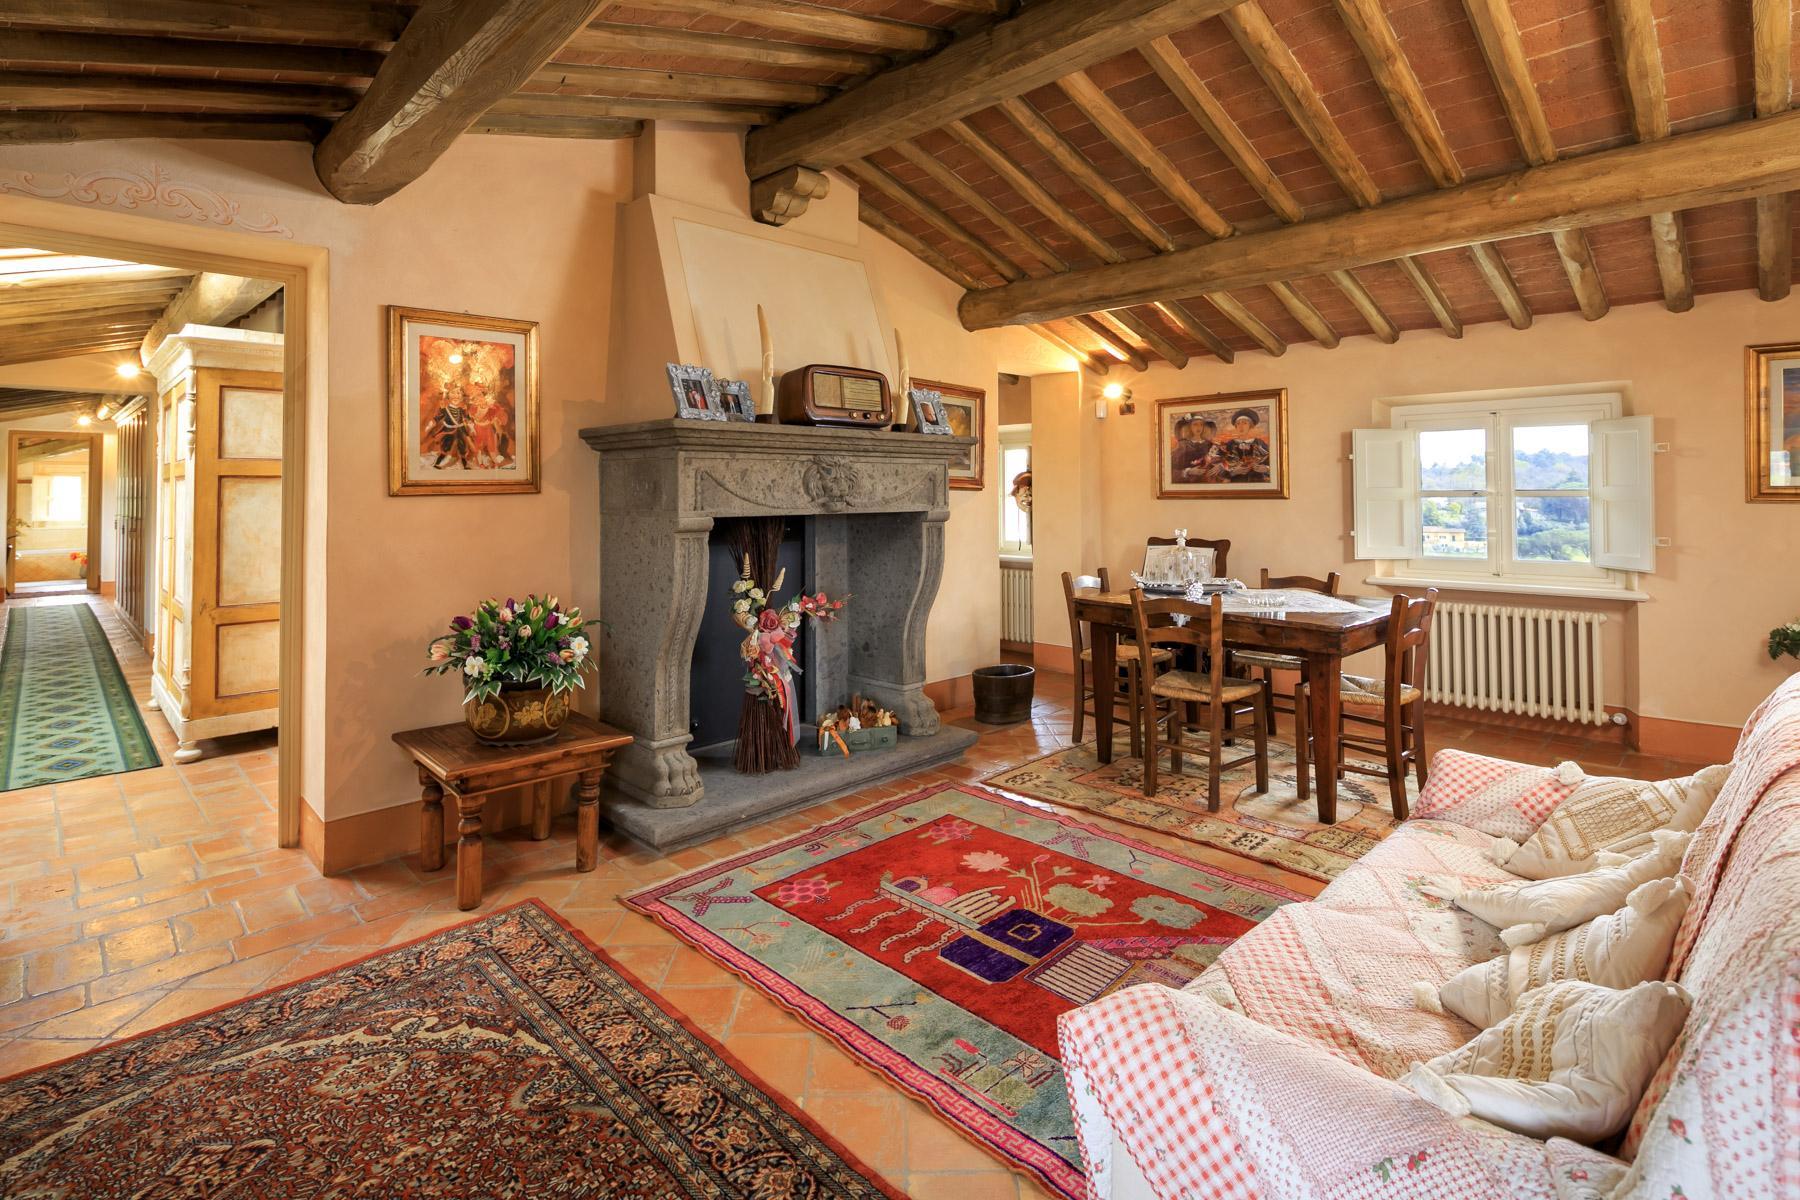 坐落于Lucca山丘之上源于17世纪的别墅 - 17